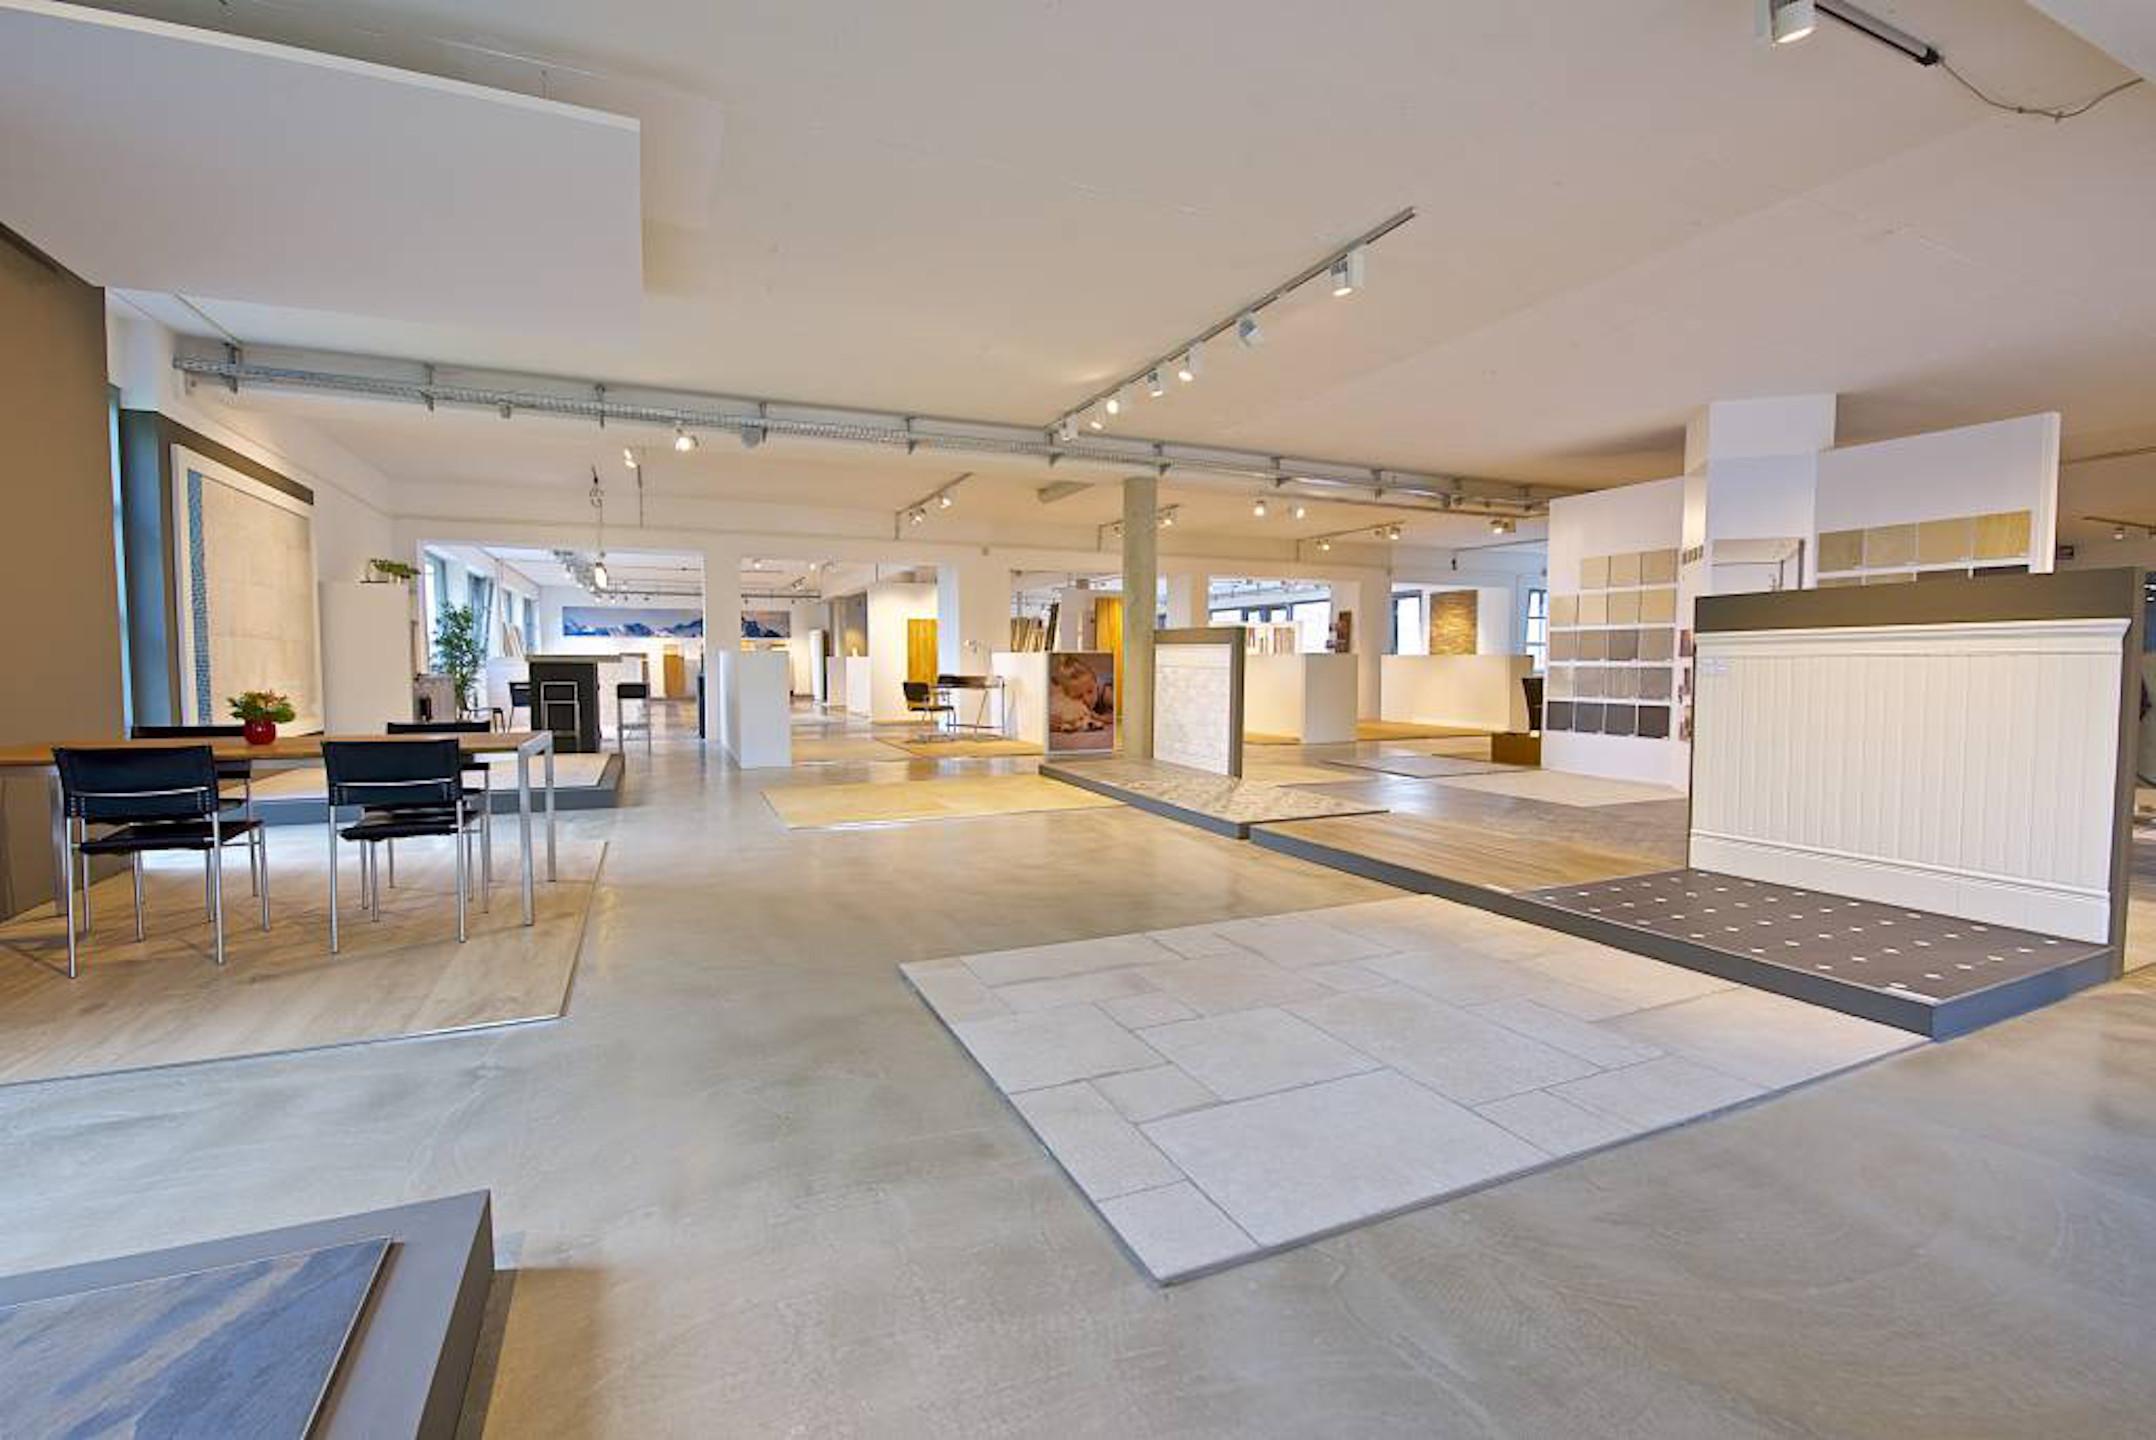 Unsere neu gestaltete Ausstellung